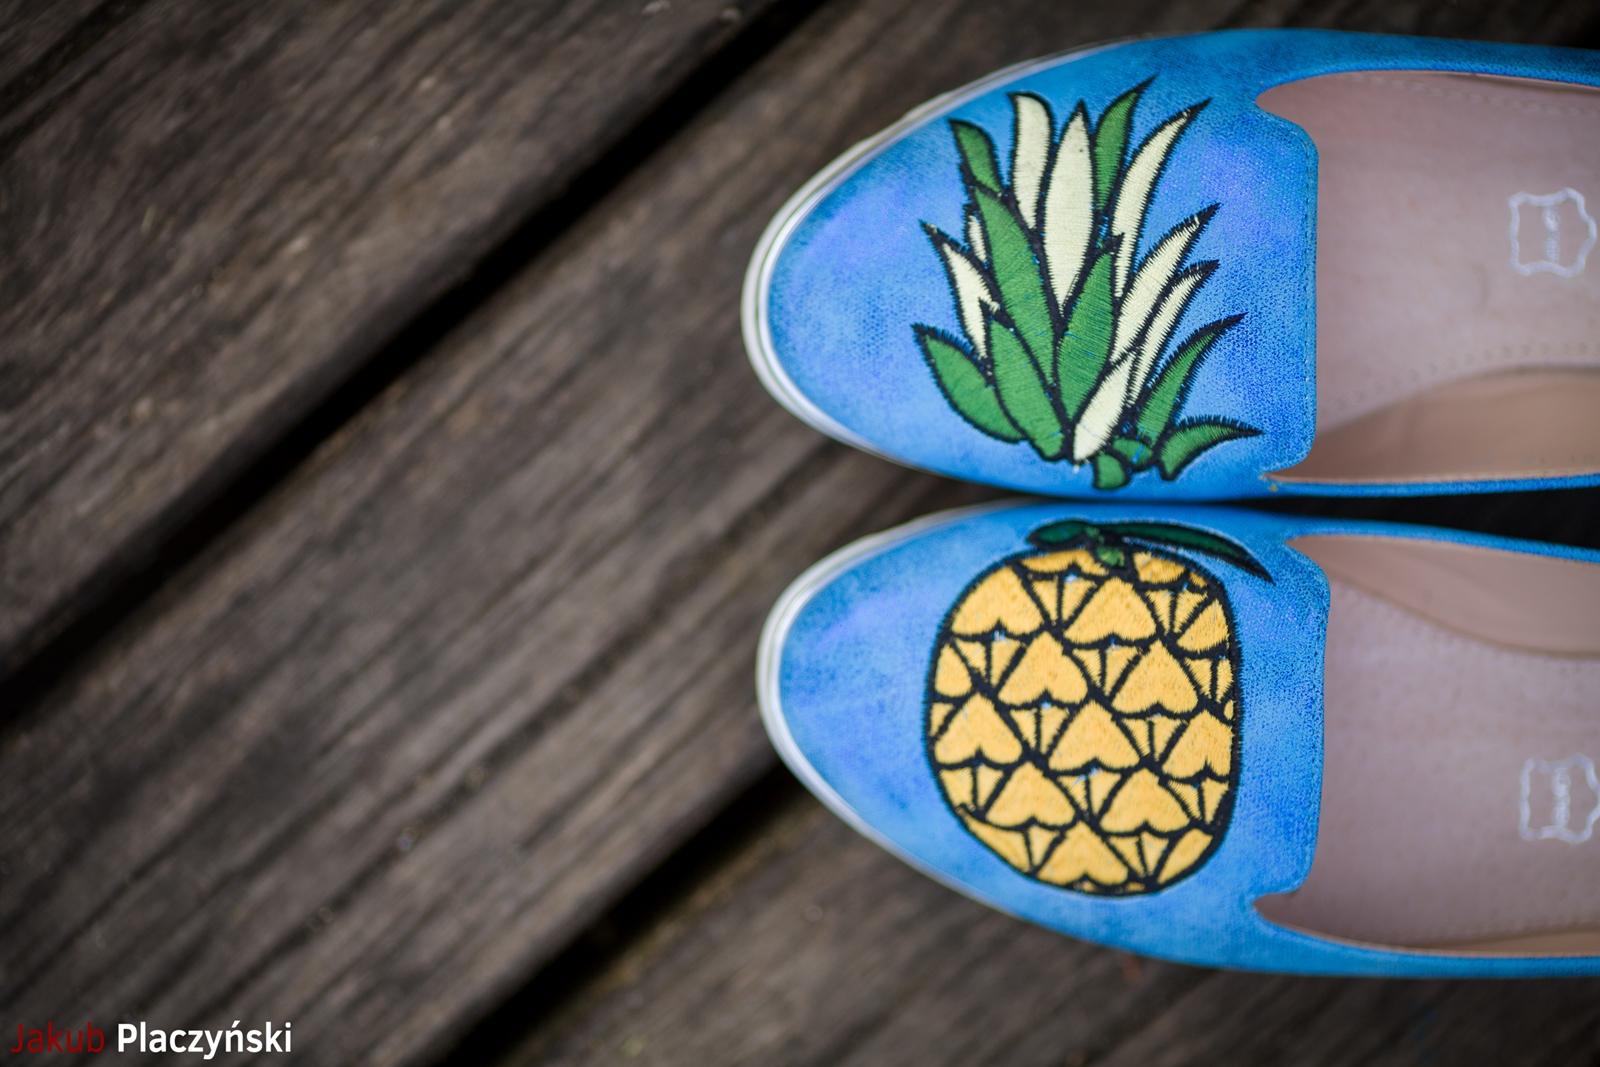 4 żółta sukienka na lato bonprix niebieskie espadryle z ananasem renee shoes reneegirls reneeshoes melodylaniella modnapolka lookbook ootd moda na lato biżuteria piotrowski swarovski